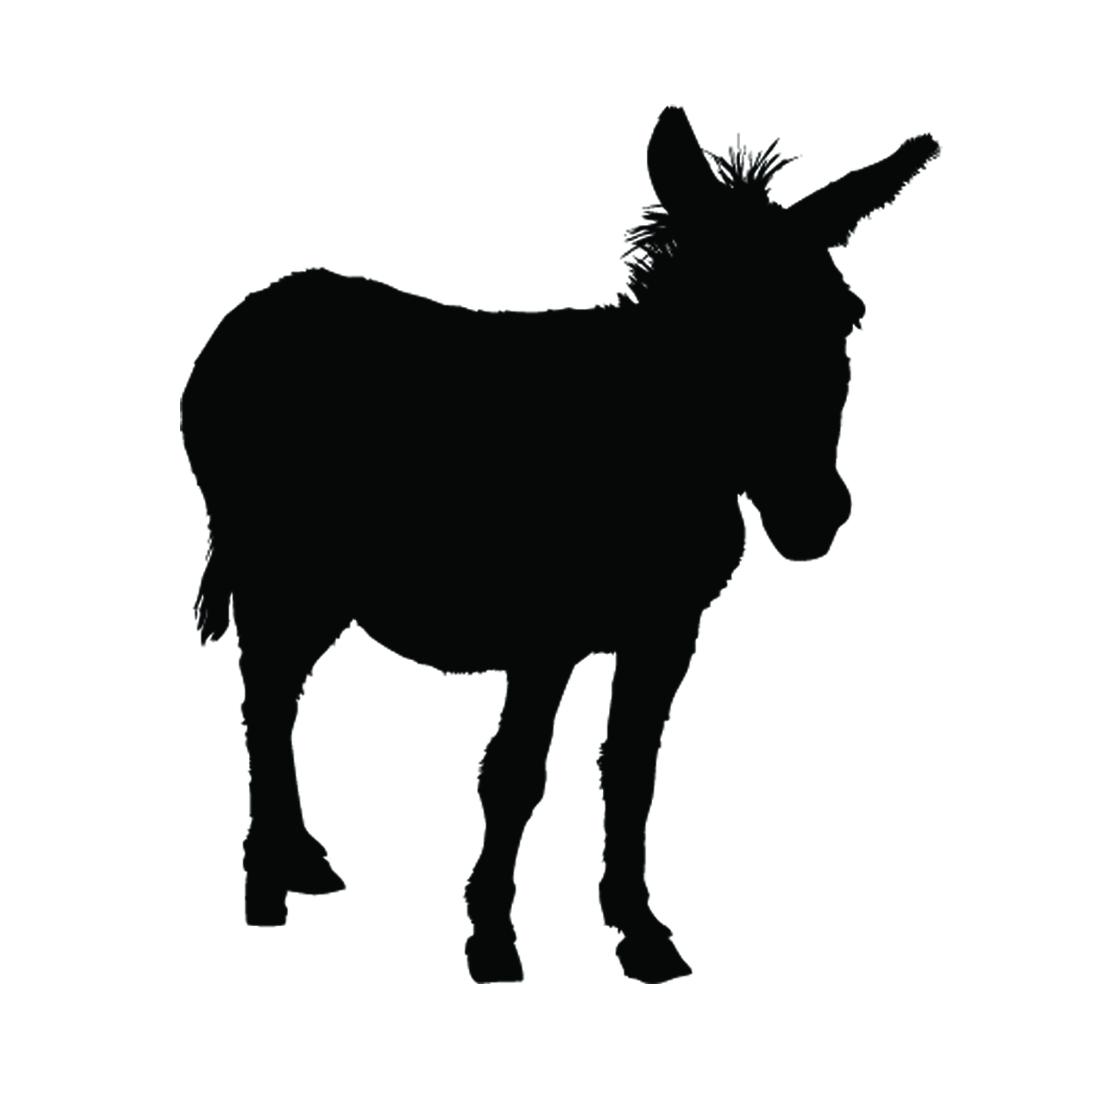 1100x1100 Donkey Silhouette